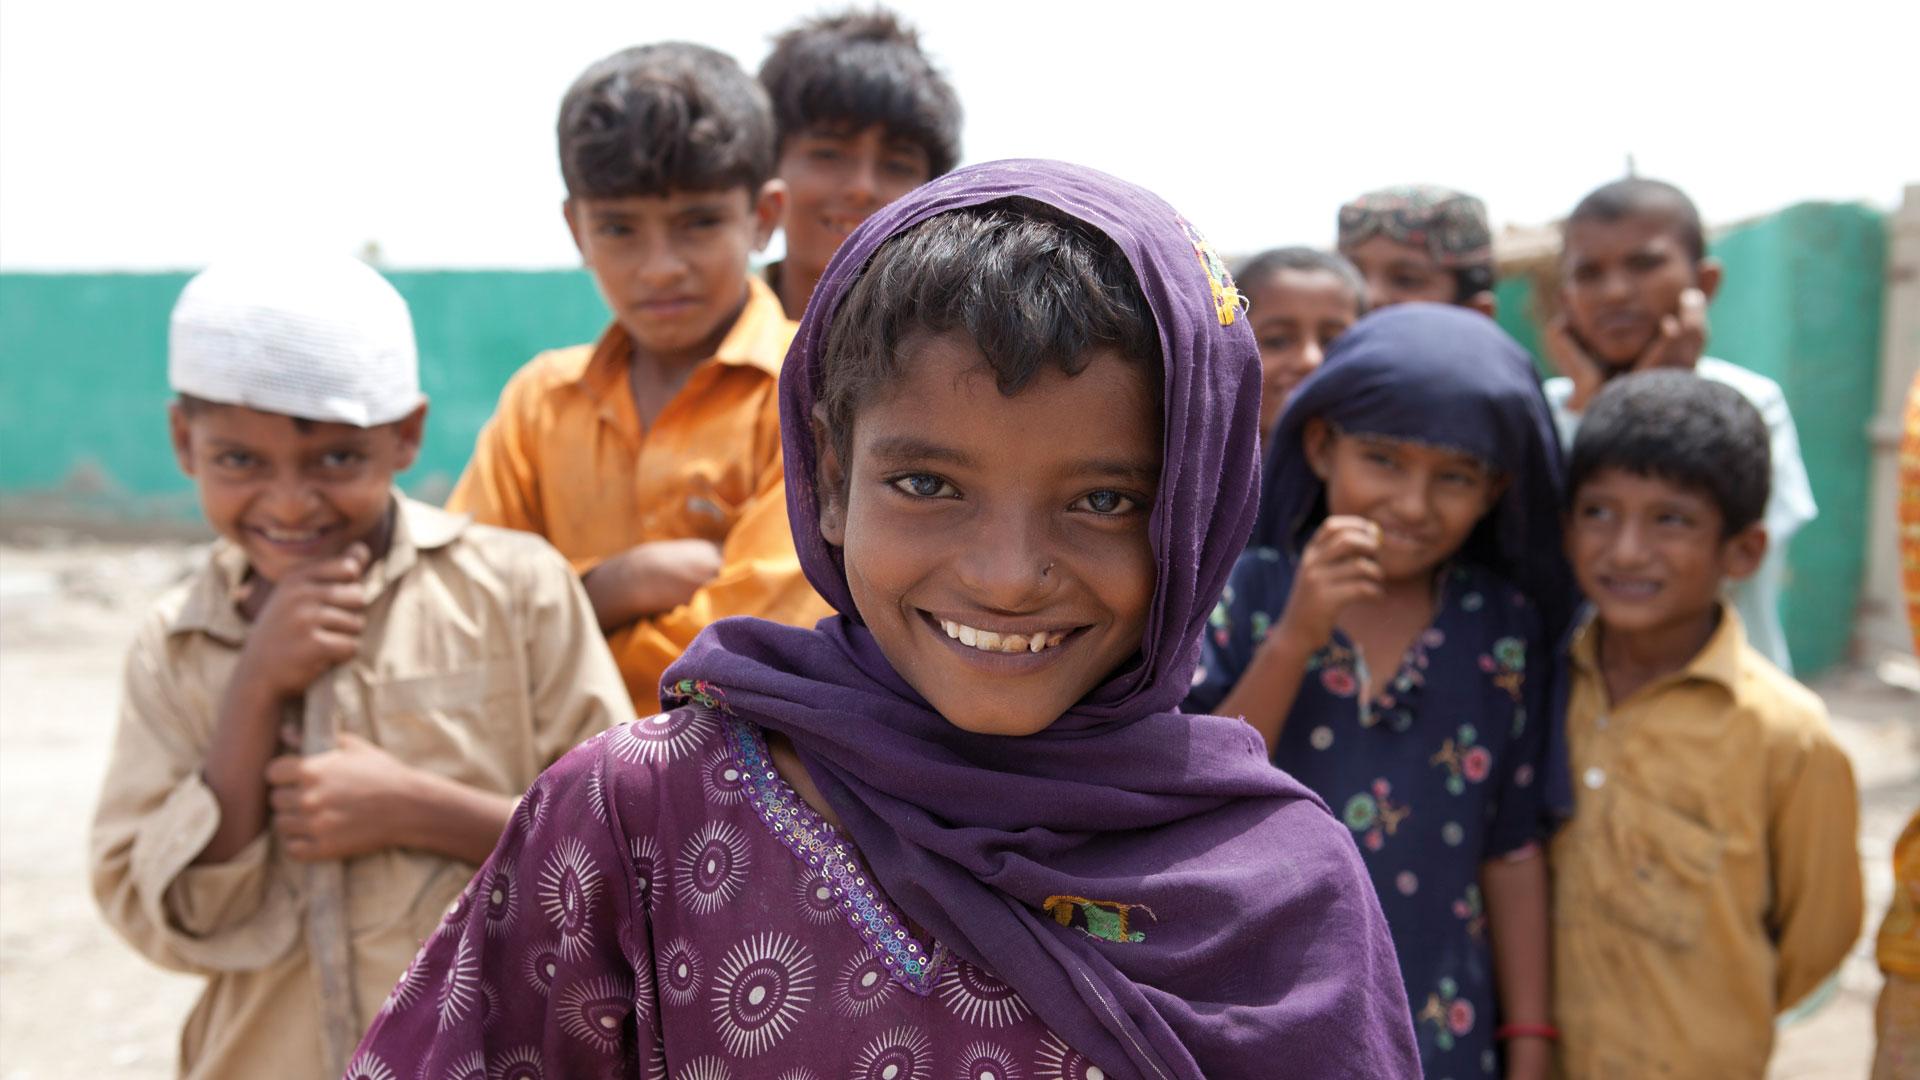 World Relief Deutschland - Charitable organization